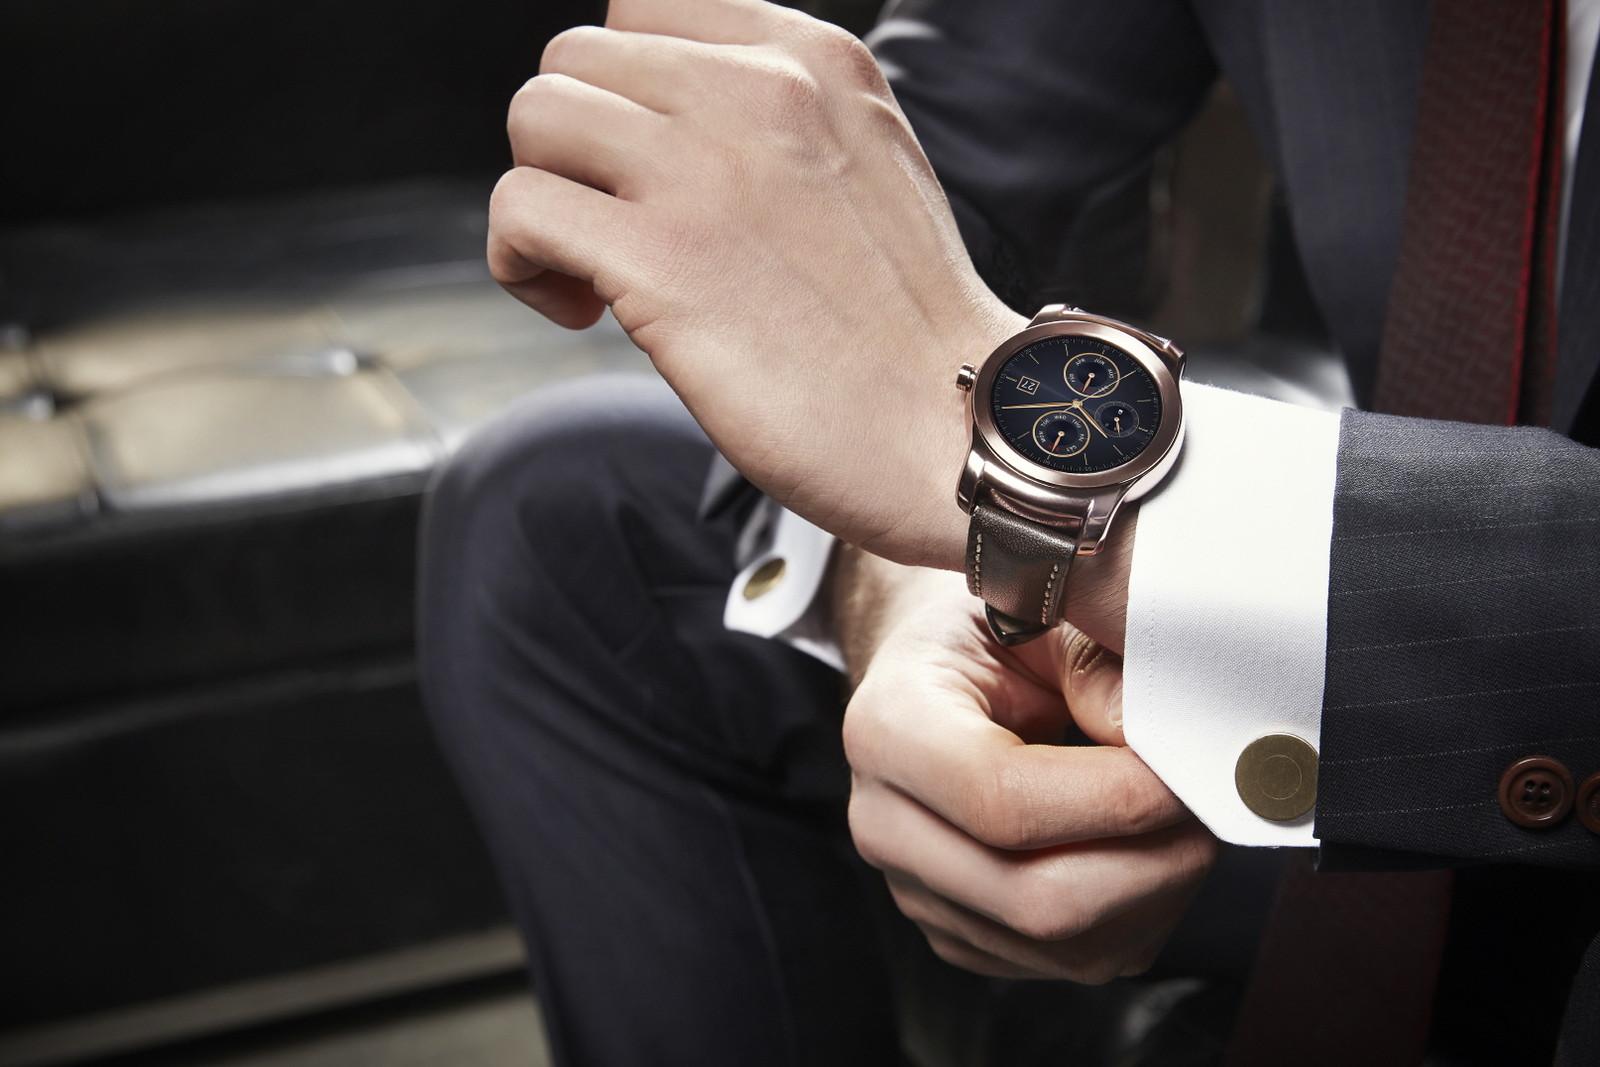 lg-g-watch-urbane-high-5